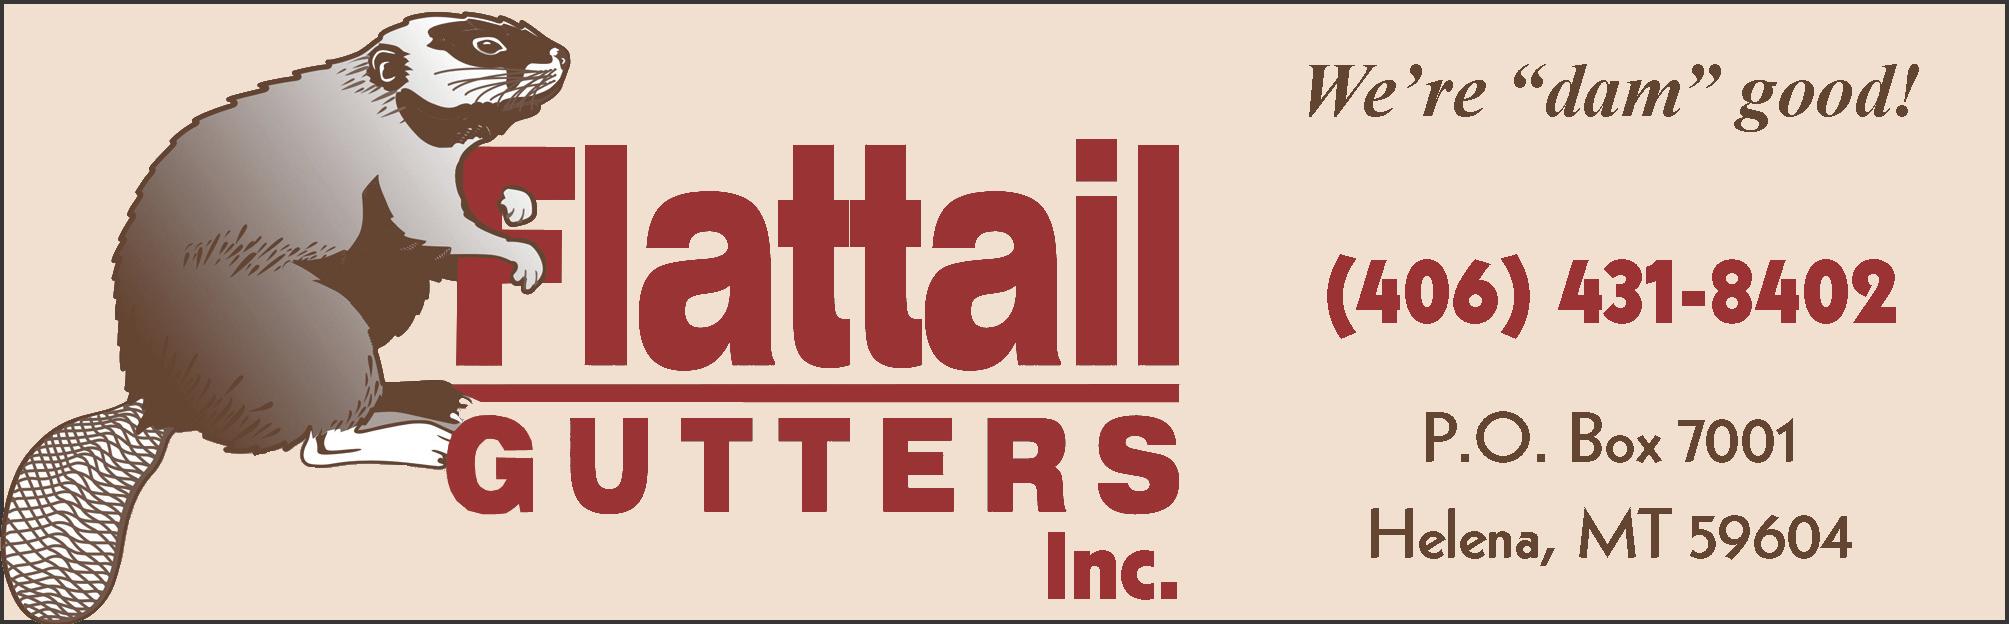 FLATTAIL GUTTERS